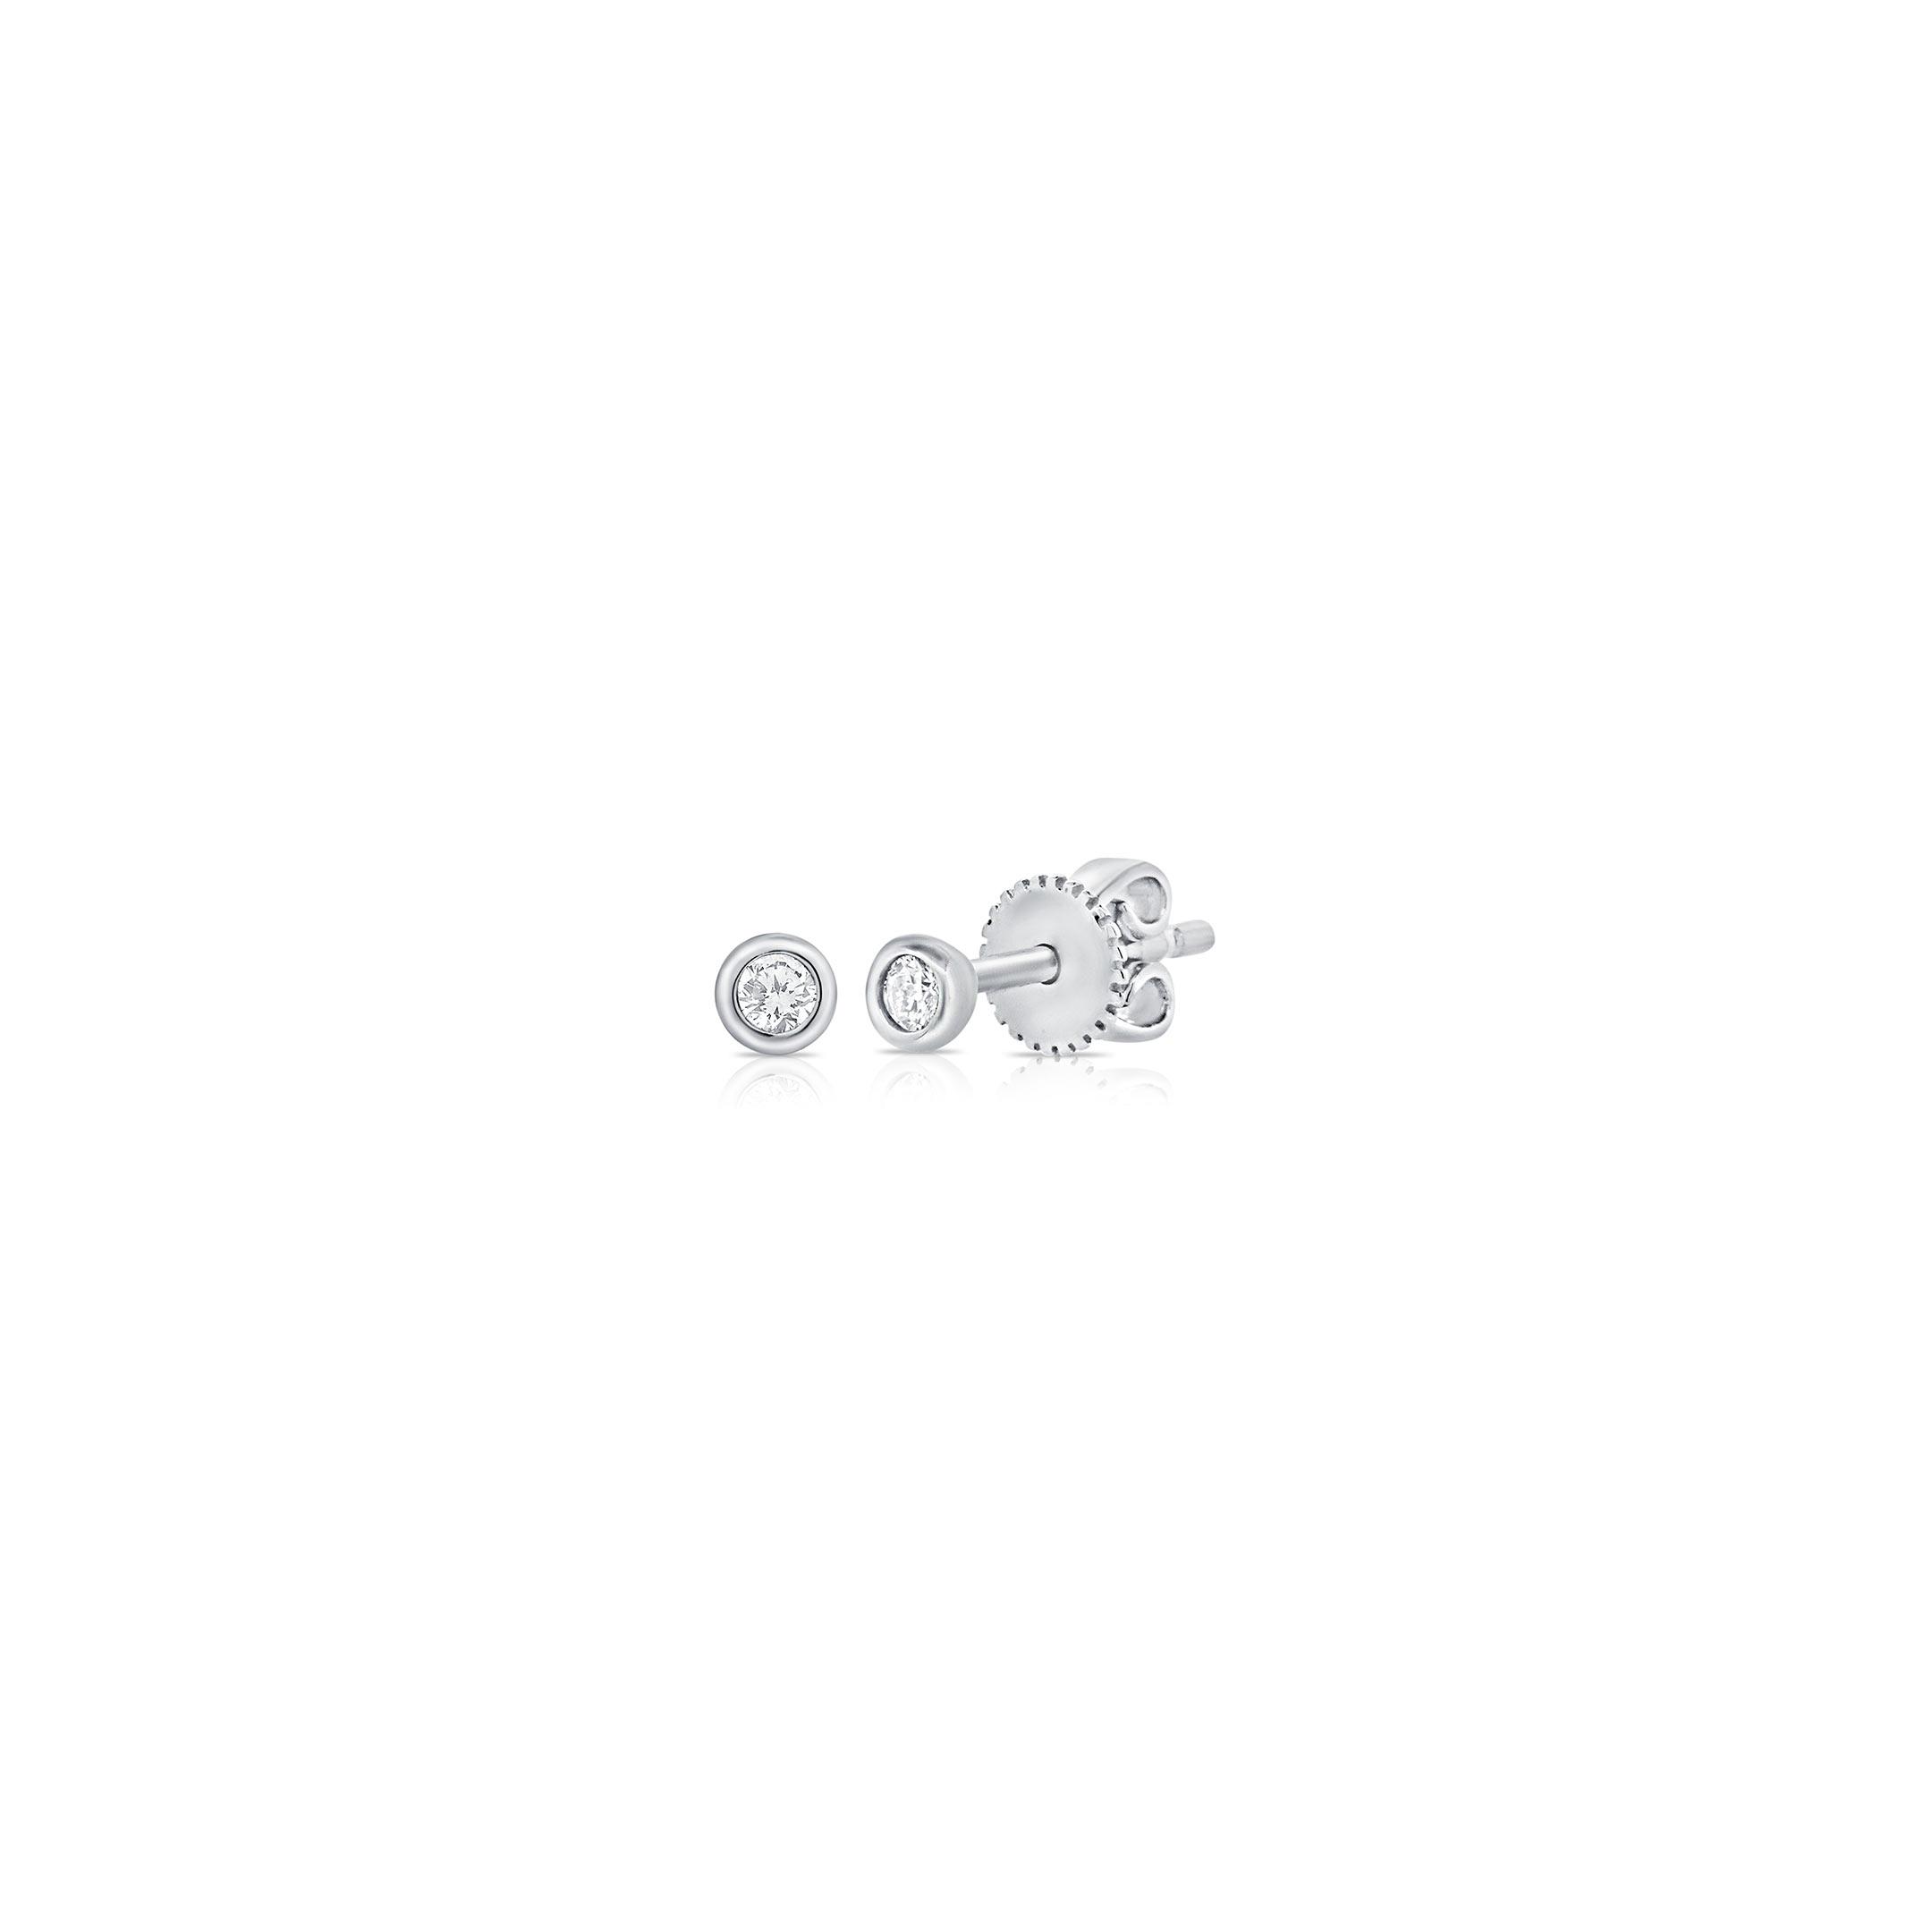 tiny stud earrings - 14k white gold beveled diamond earrings